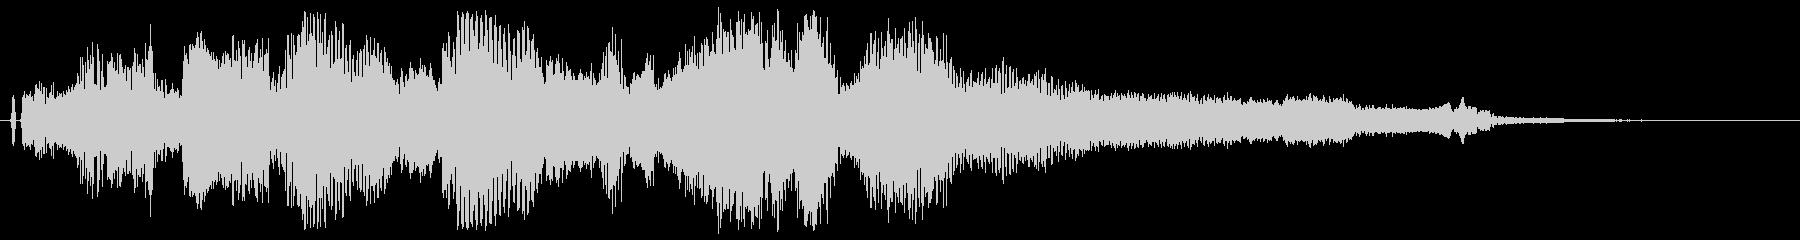 DJ,ラジオ,映像,クリエイター様に17の未再生の波形